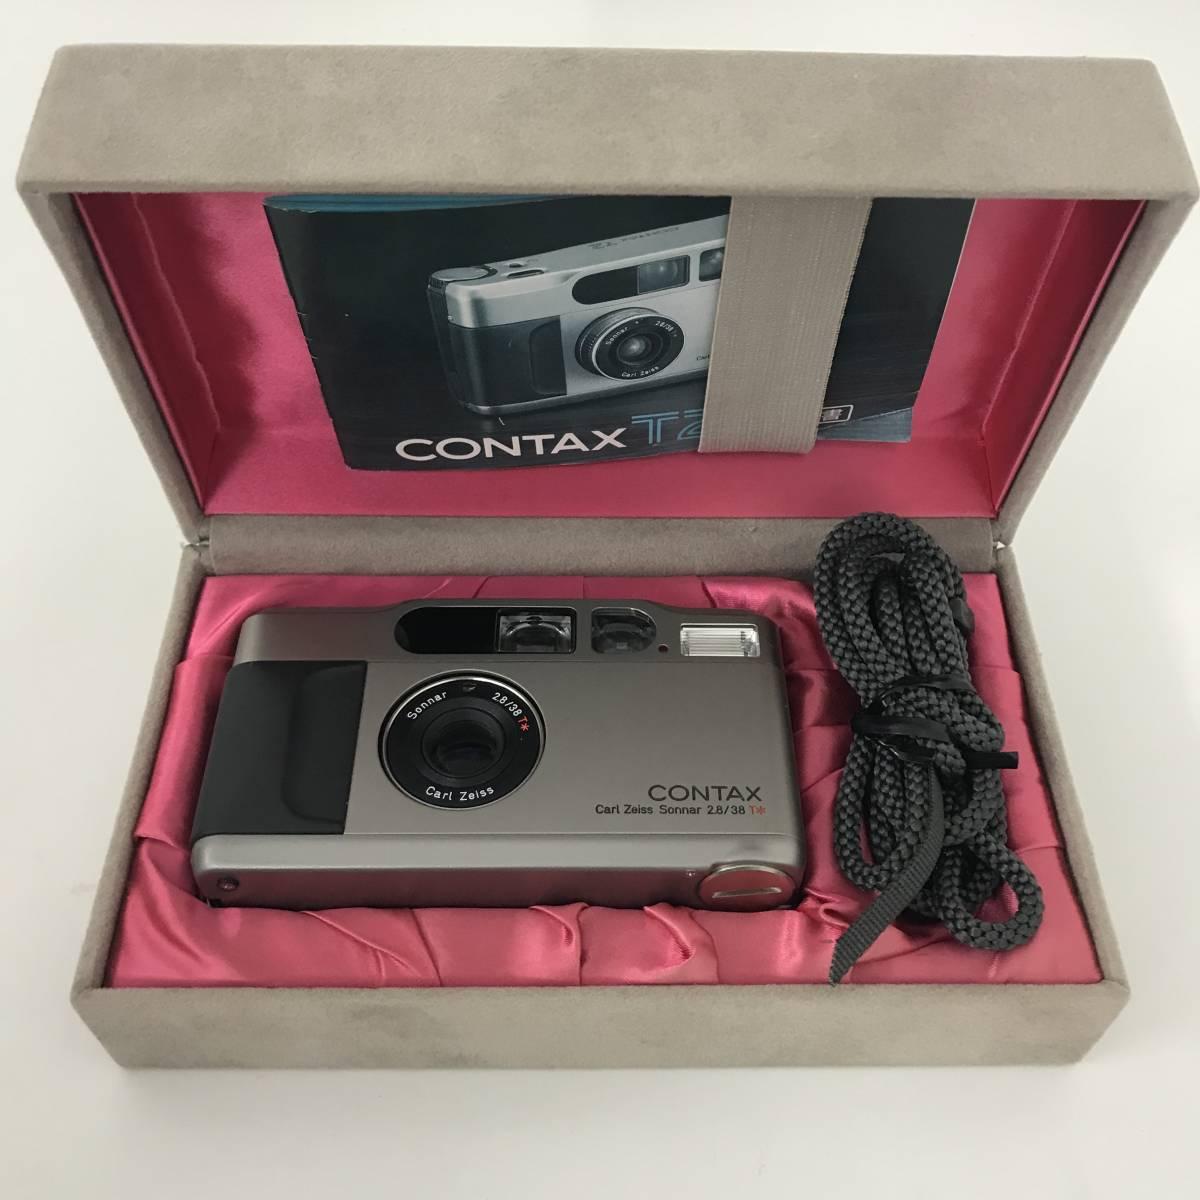 ★美品★ コンタックス CONTAX T2 Sonnar 38mm F2.8 T* コンパクトフィルムカメラ 取扱説明書 元箱 ケース ストラップ付